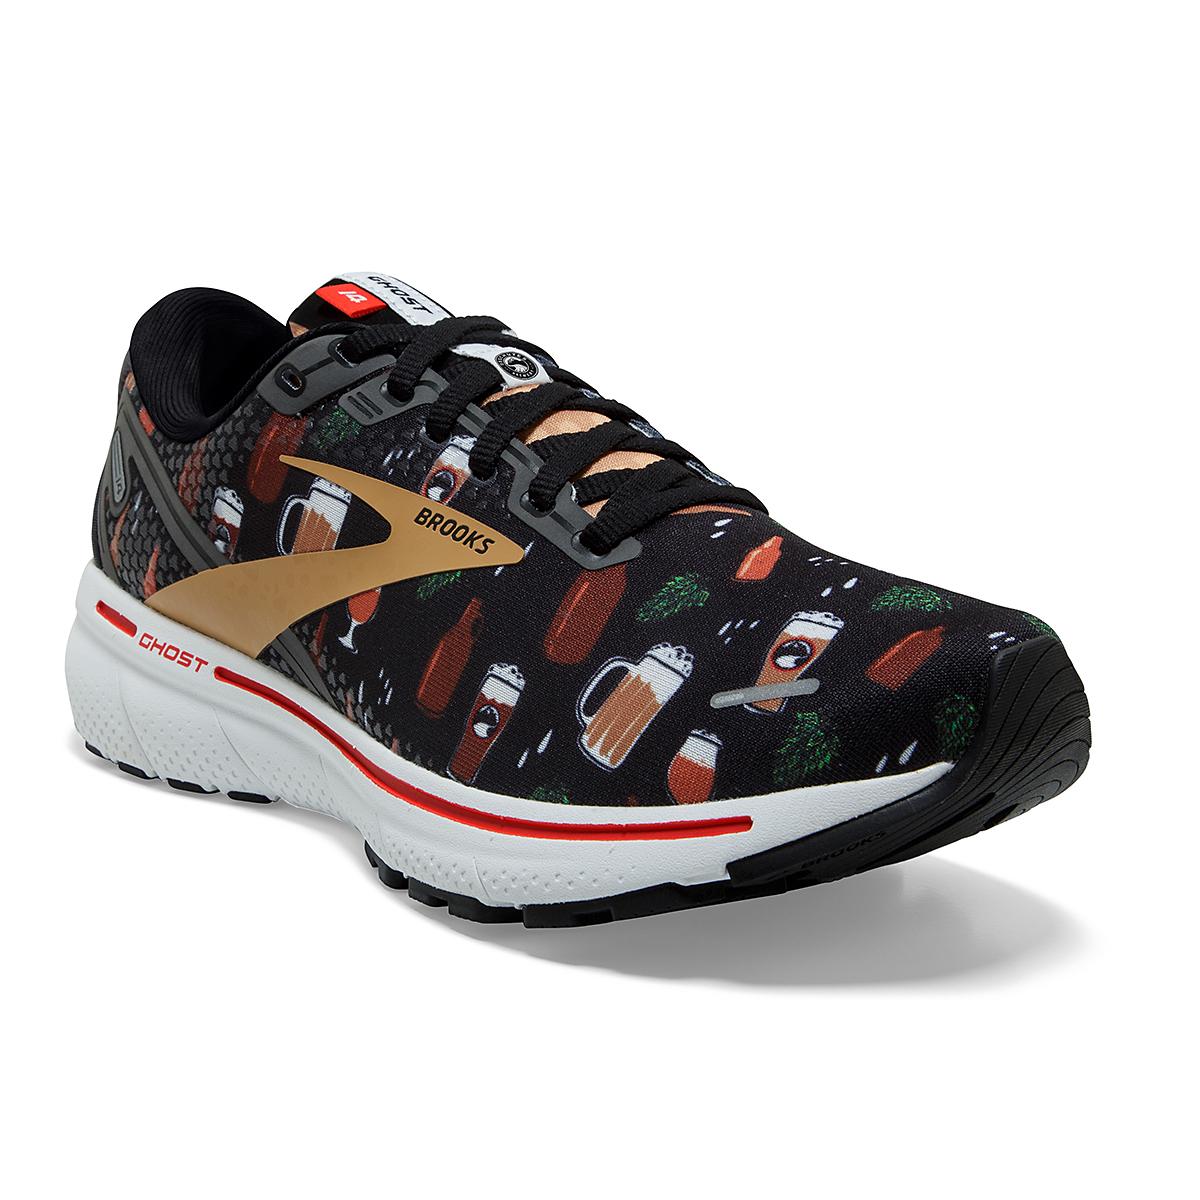 Men's Brooks Ghost 14 Running Shoe - Color: Run Hoppy - Size: 7 - Width: Regular, Run Hoppy, large, image 2